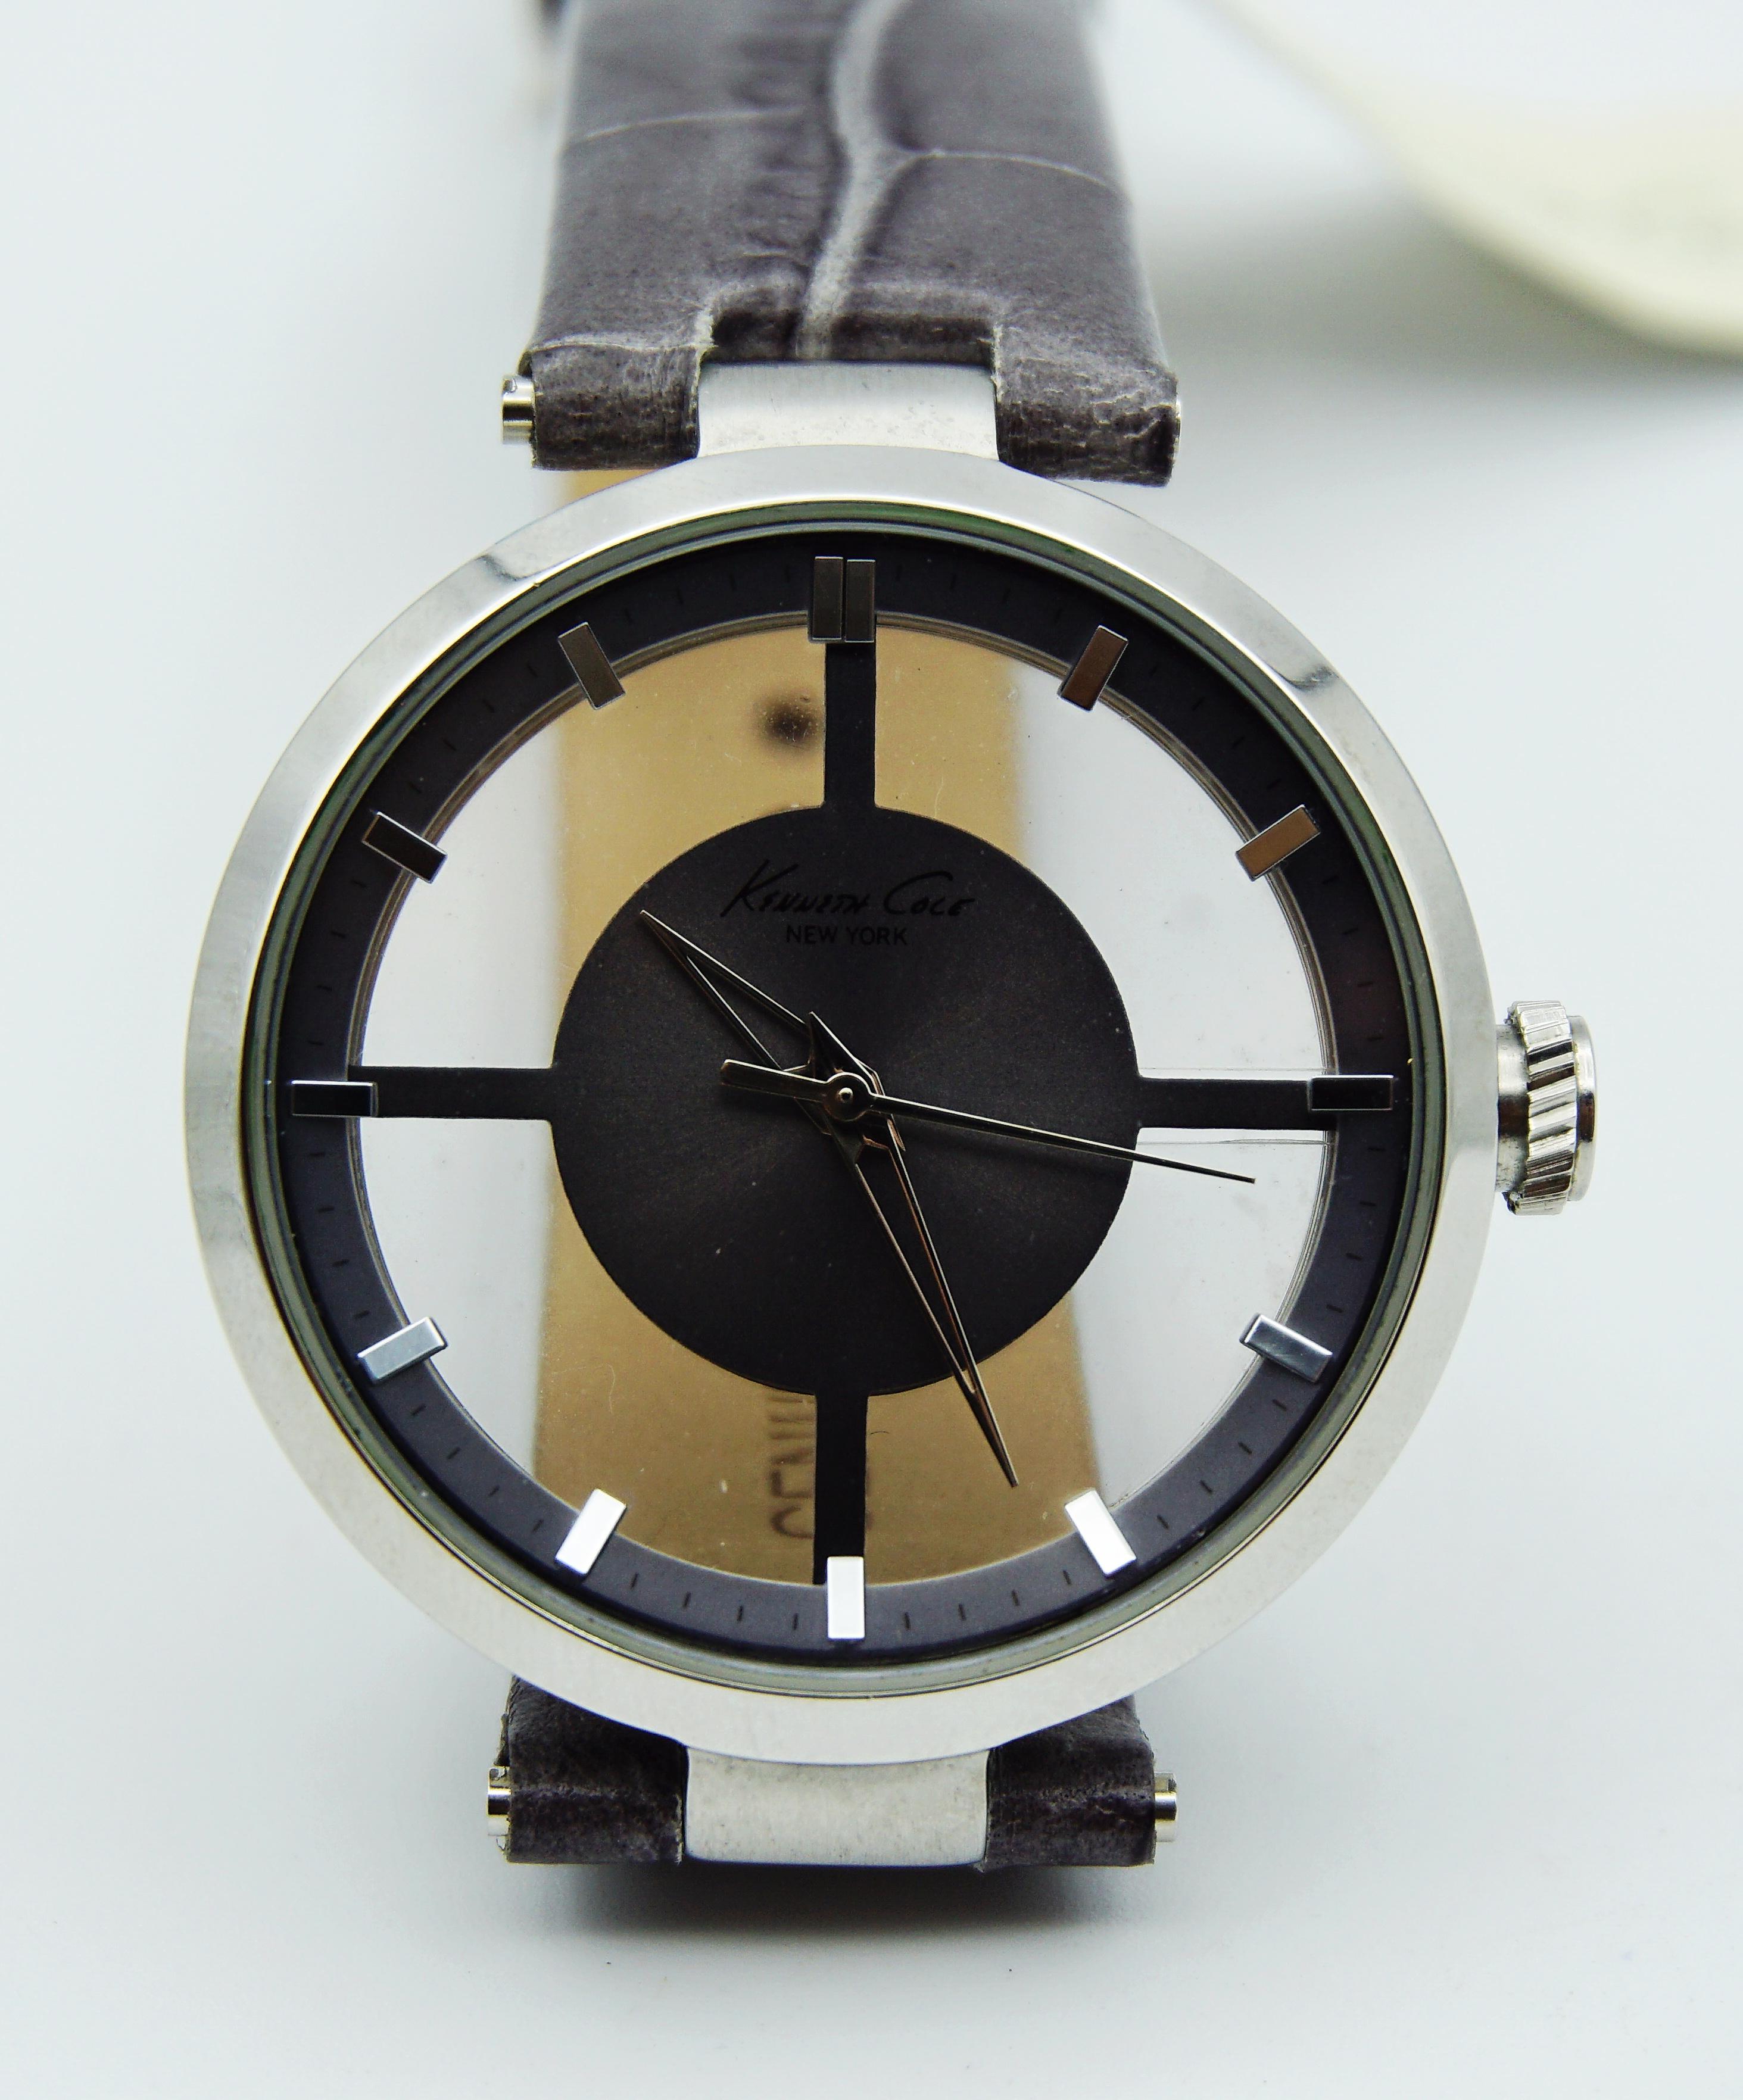 นาฬิกา KENNETH COLE พร้อมกล่อง